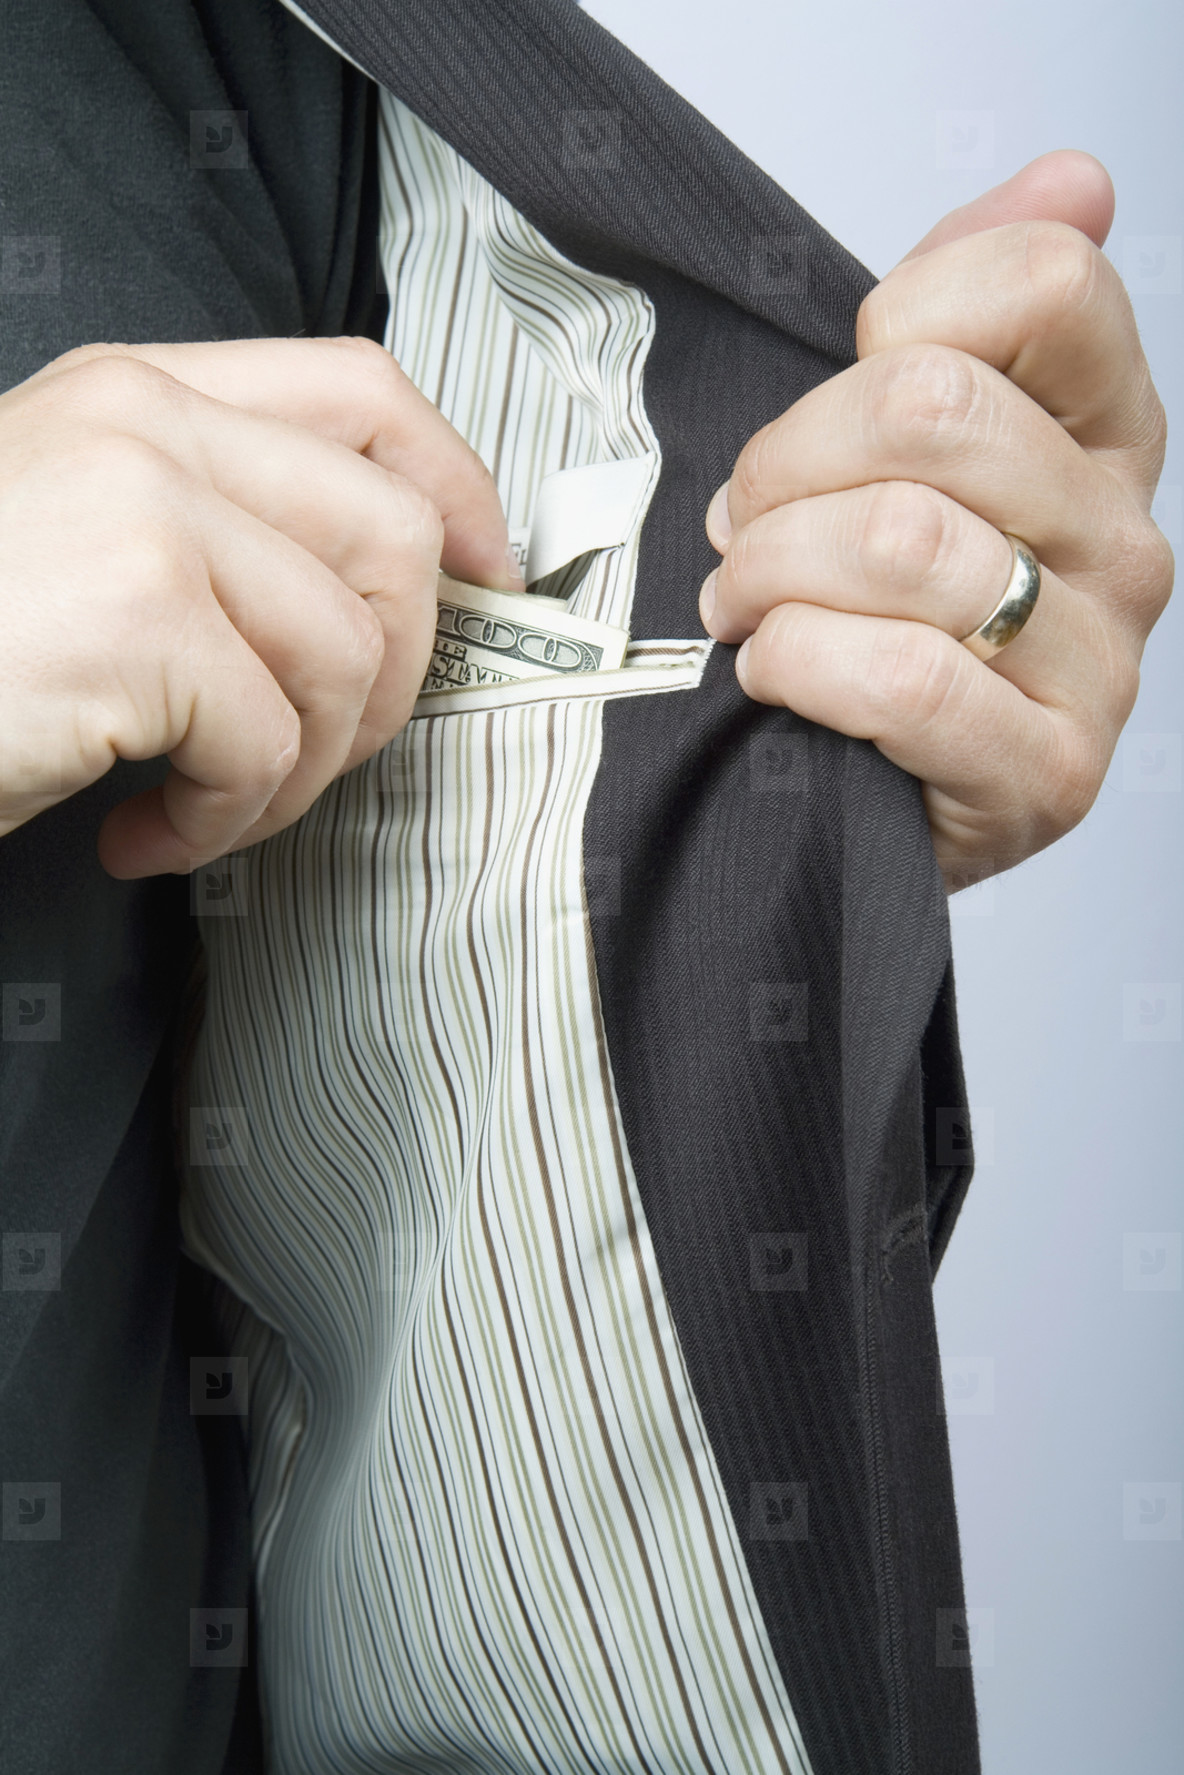 Money Money Money  03